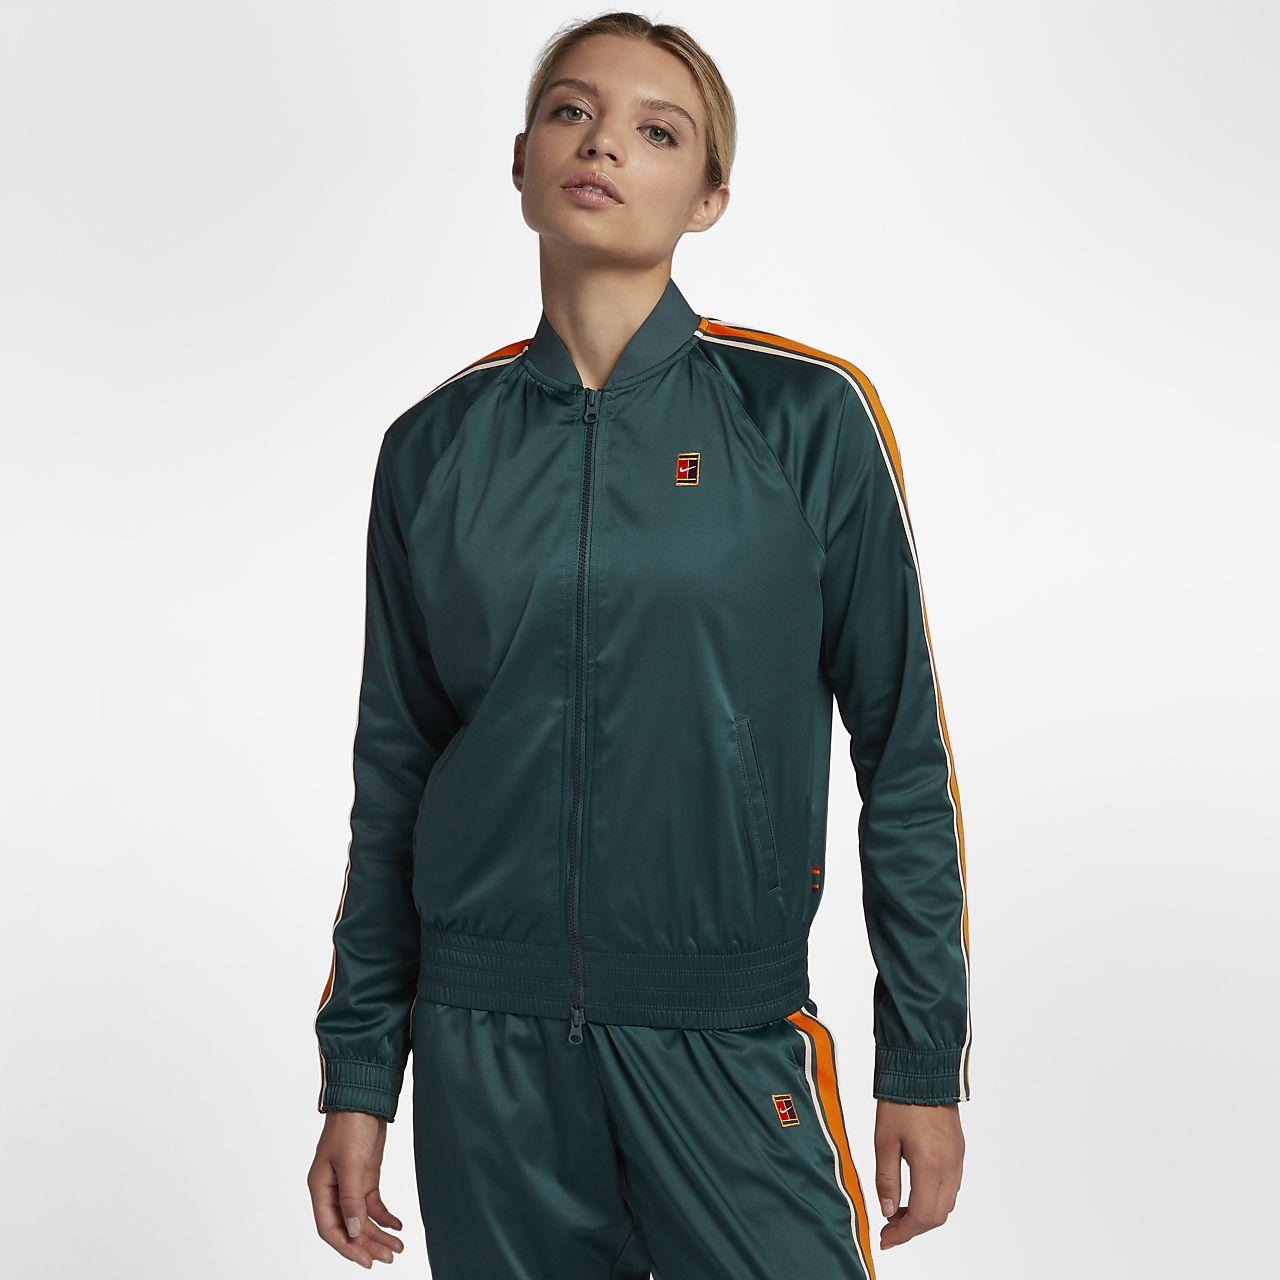 NikeCourt női teniszkabát